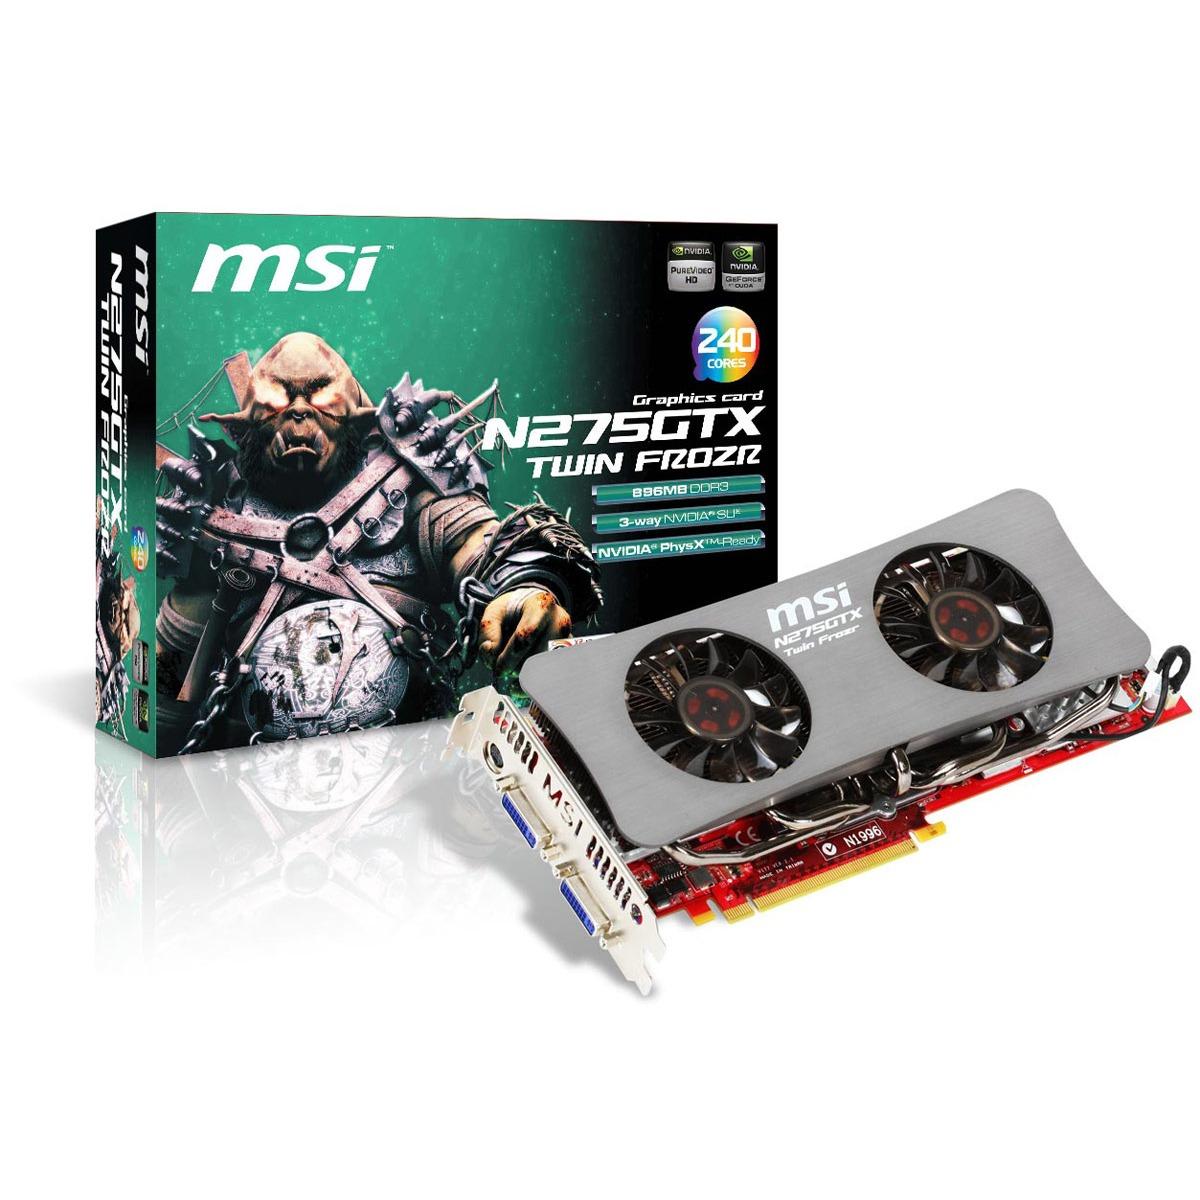 Carte graphique MSI N275GTX Twin Frozr OC MSI N275GTX Twin Frozr OC - 896 Mo TV-Out/Dual DVI - PCI Express (NVIDIA GeForce avec CUDA GTX 275)